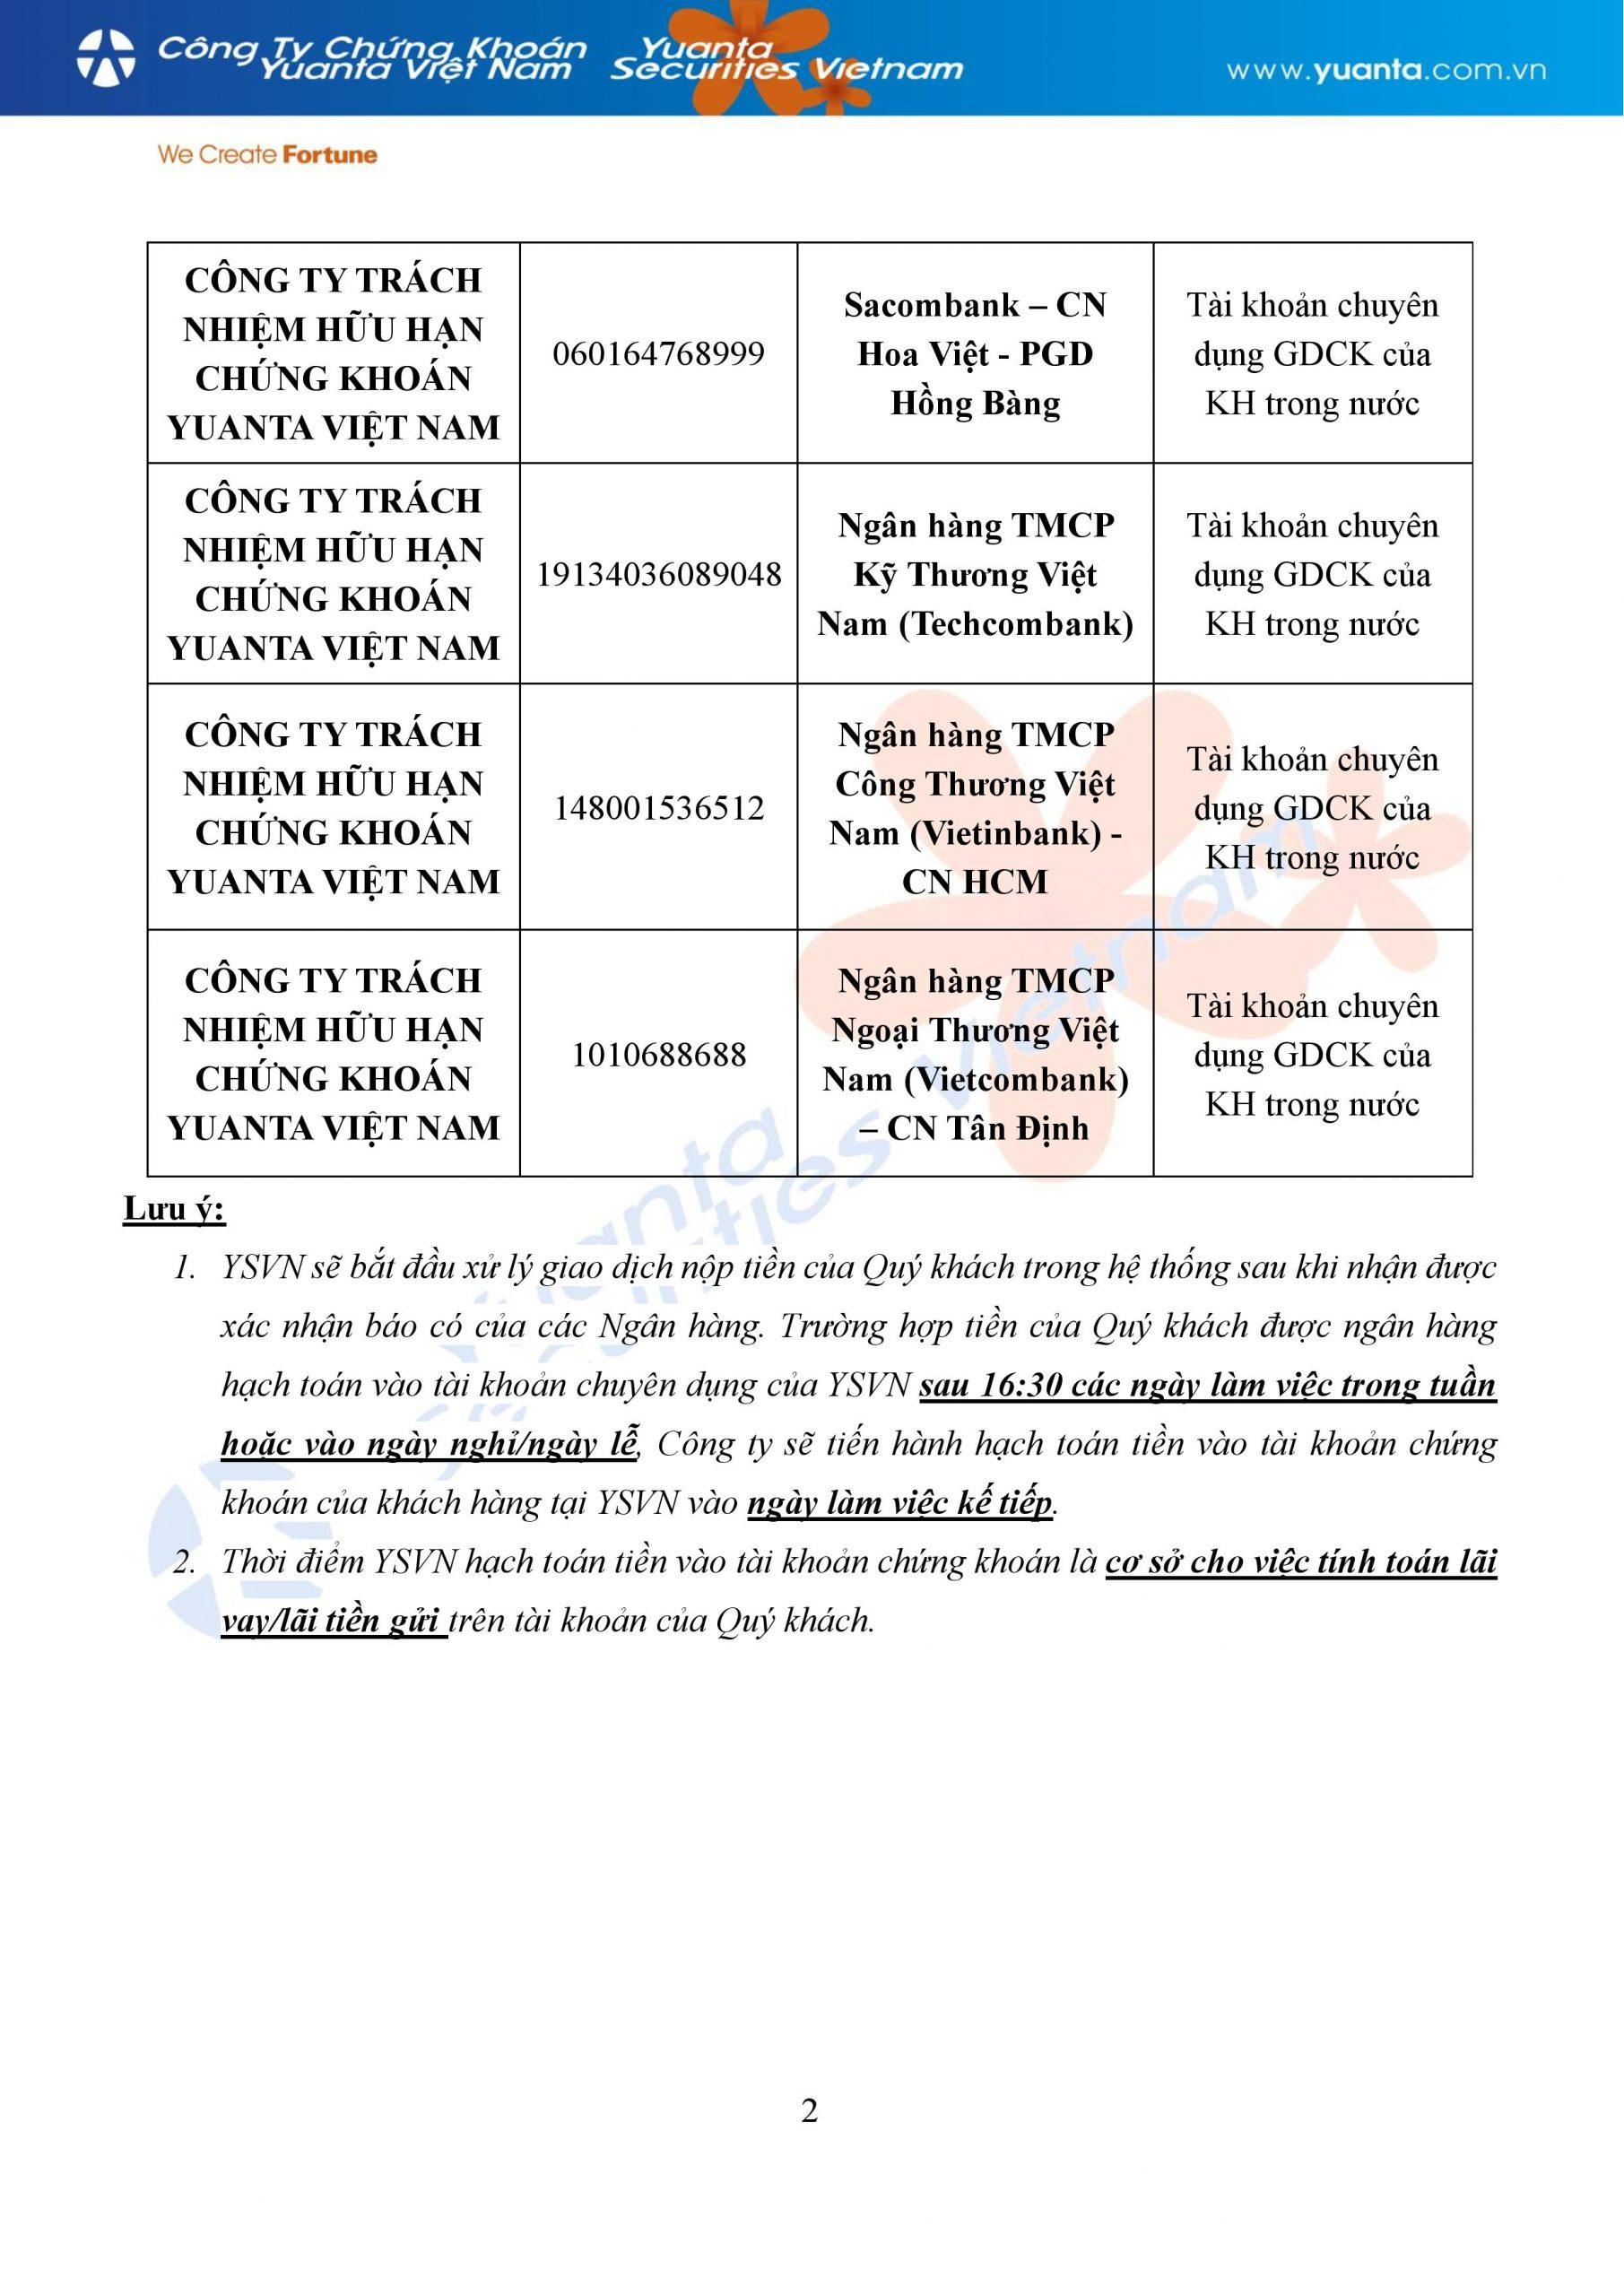 Huong-dan-nop-tien-vao-tai-khoan-giao-dich-tai-yuanta-viet-nam-page-002